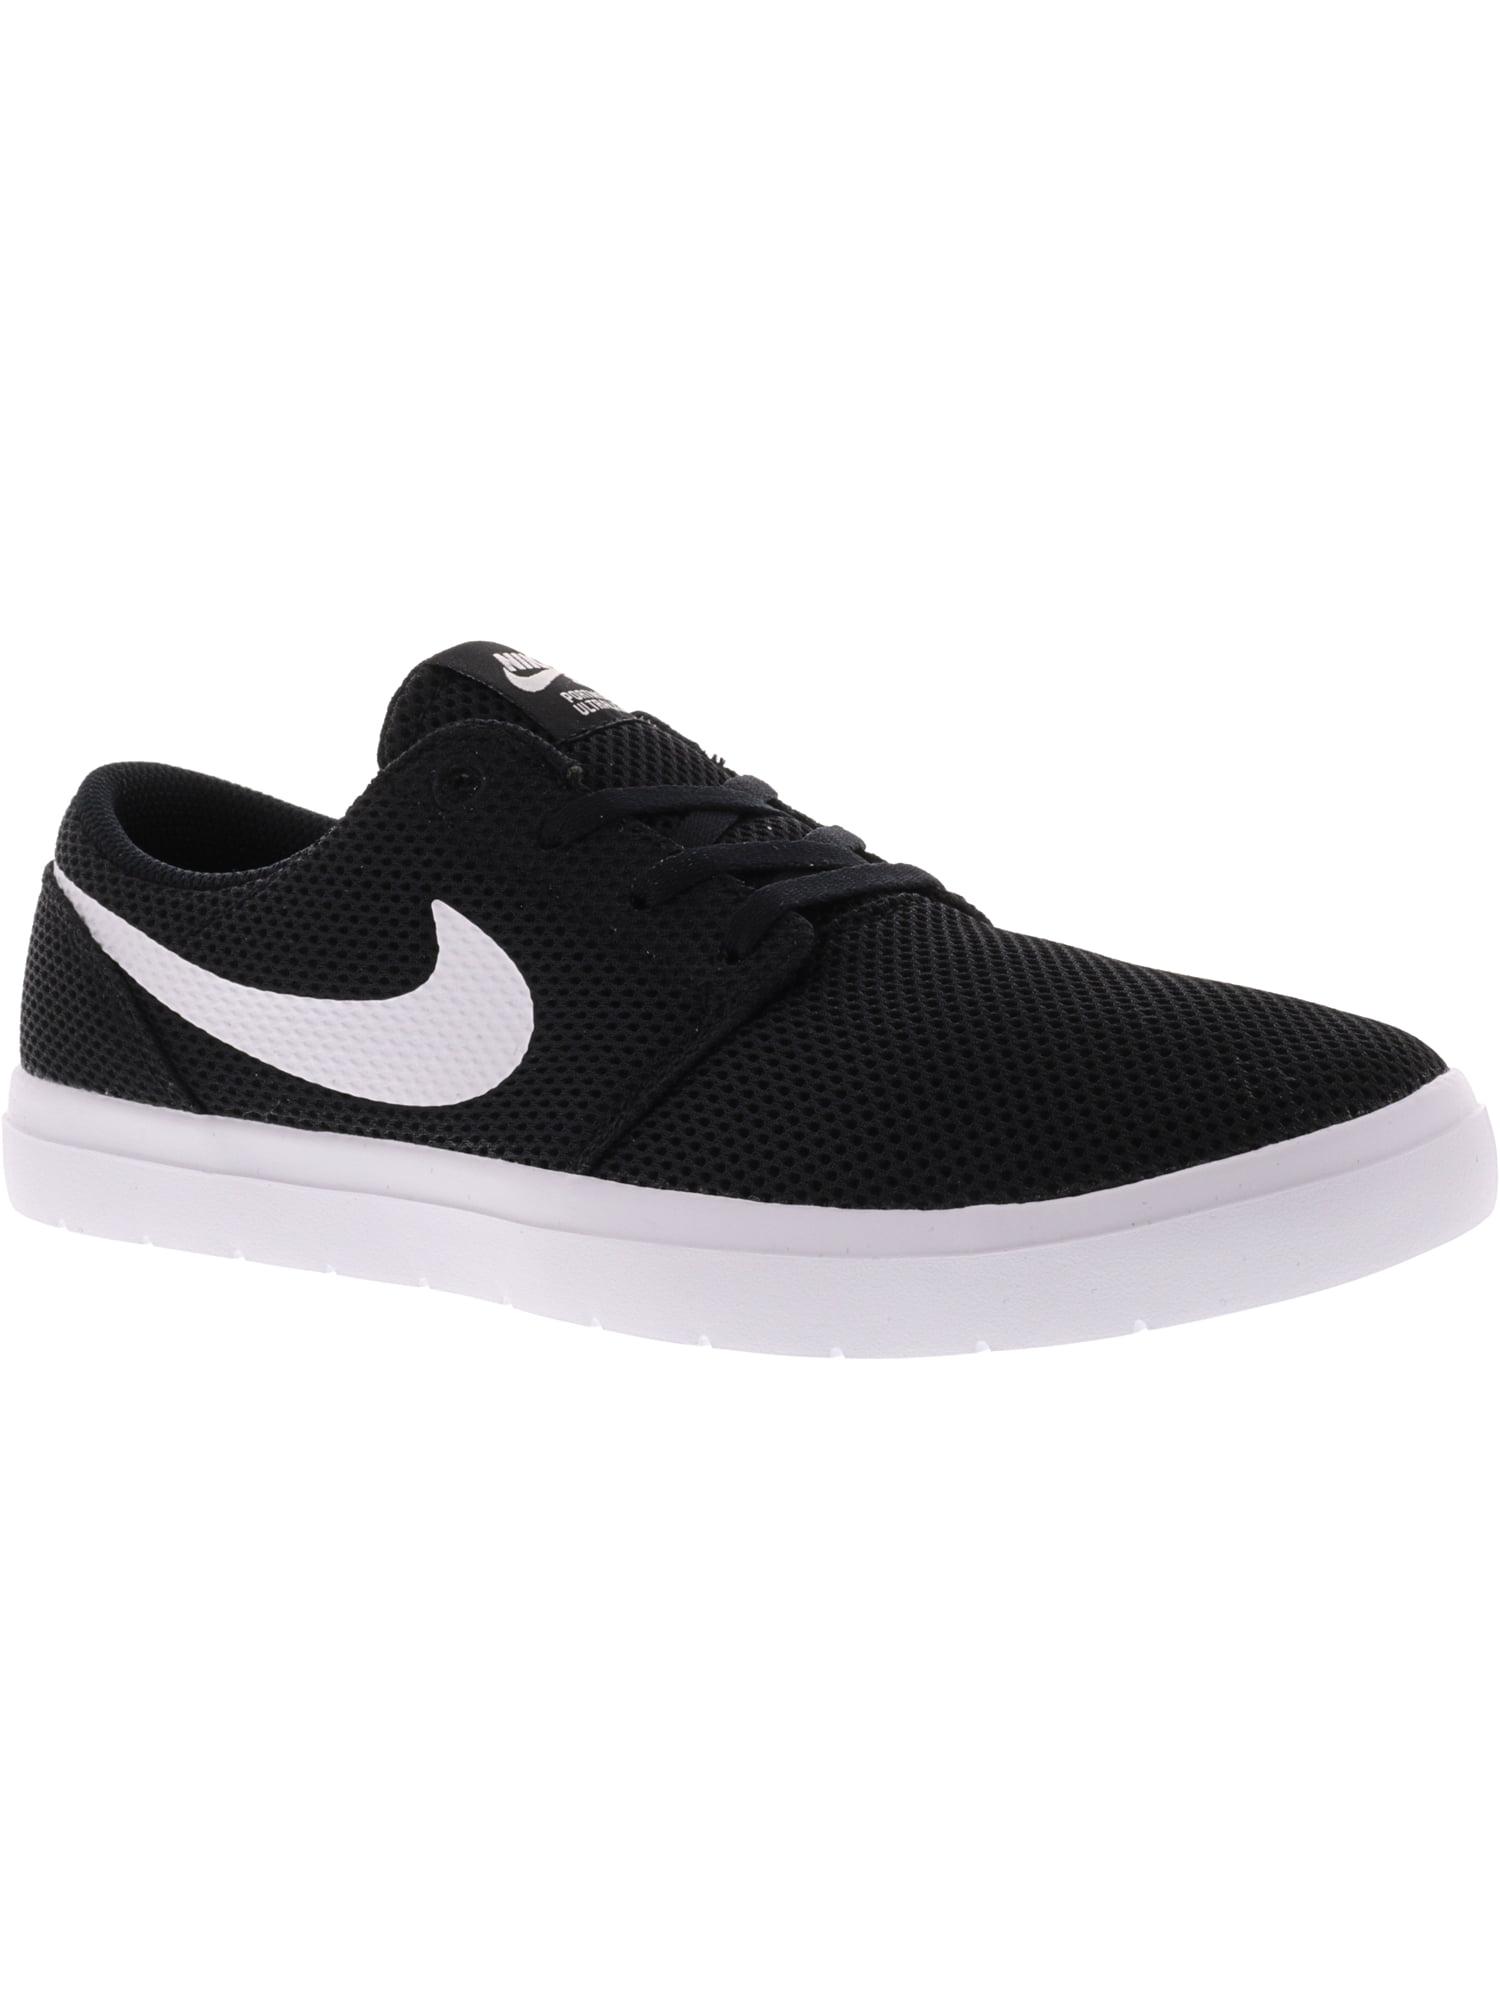 Nike Men's Sb Portmore Ii Ultralight Black / White Ankle-High Skateboarding Shoe - 10M